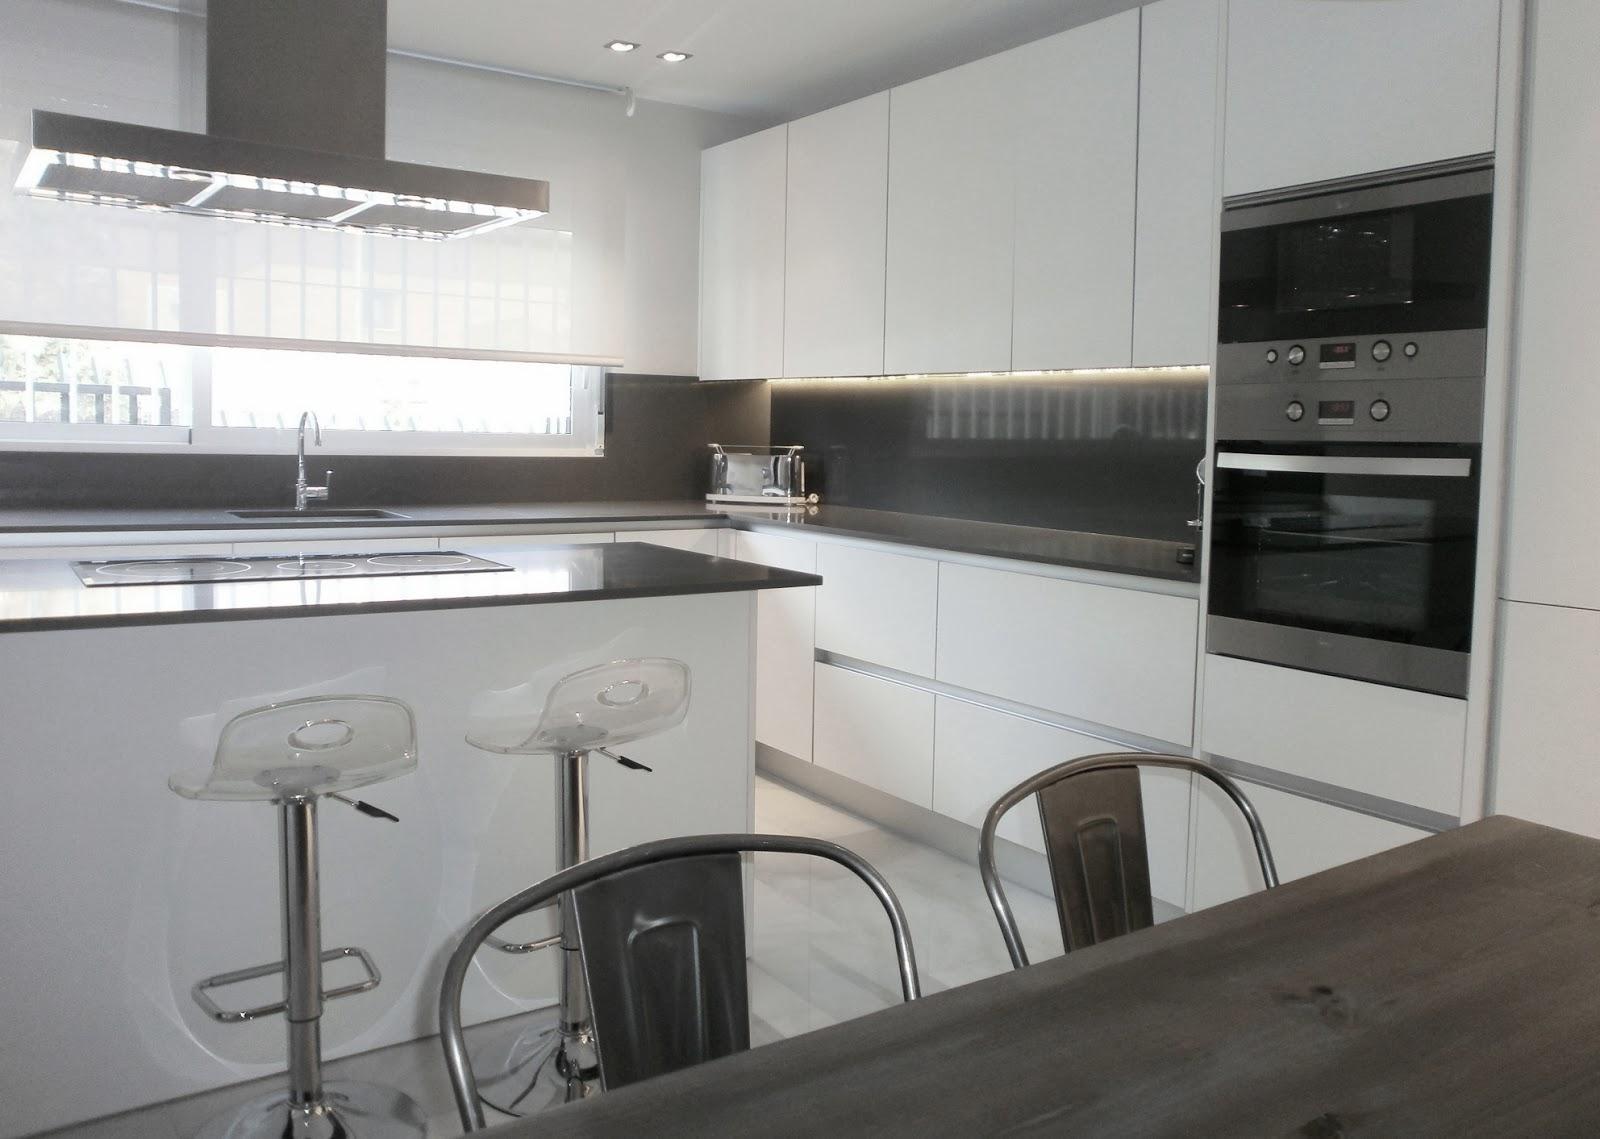 Encantadora cocina blanca independiente con isla y office for Cocinas modernas blancas y grises